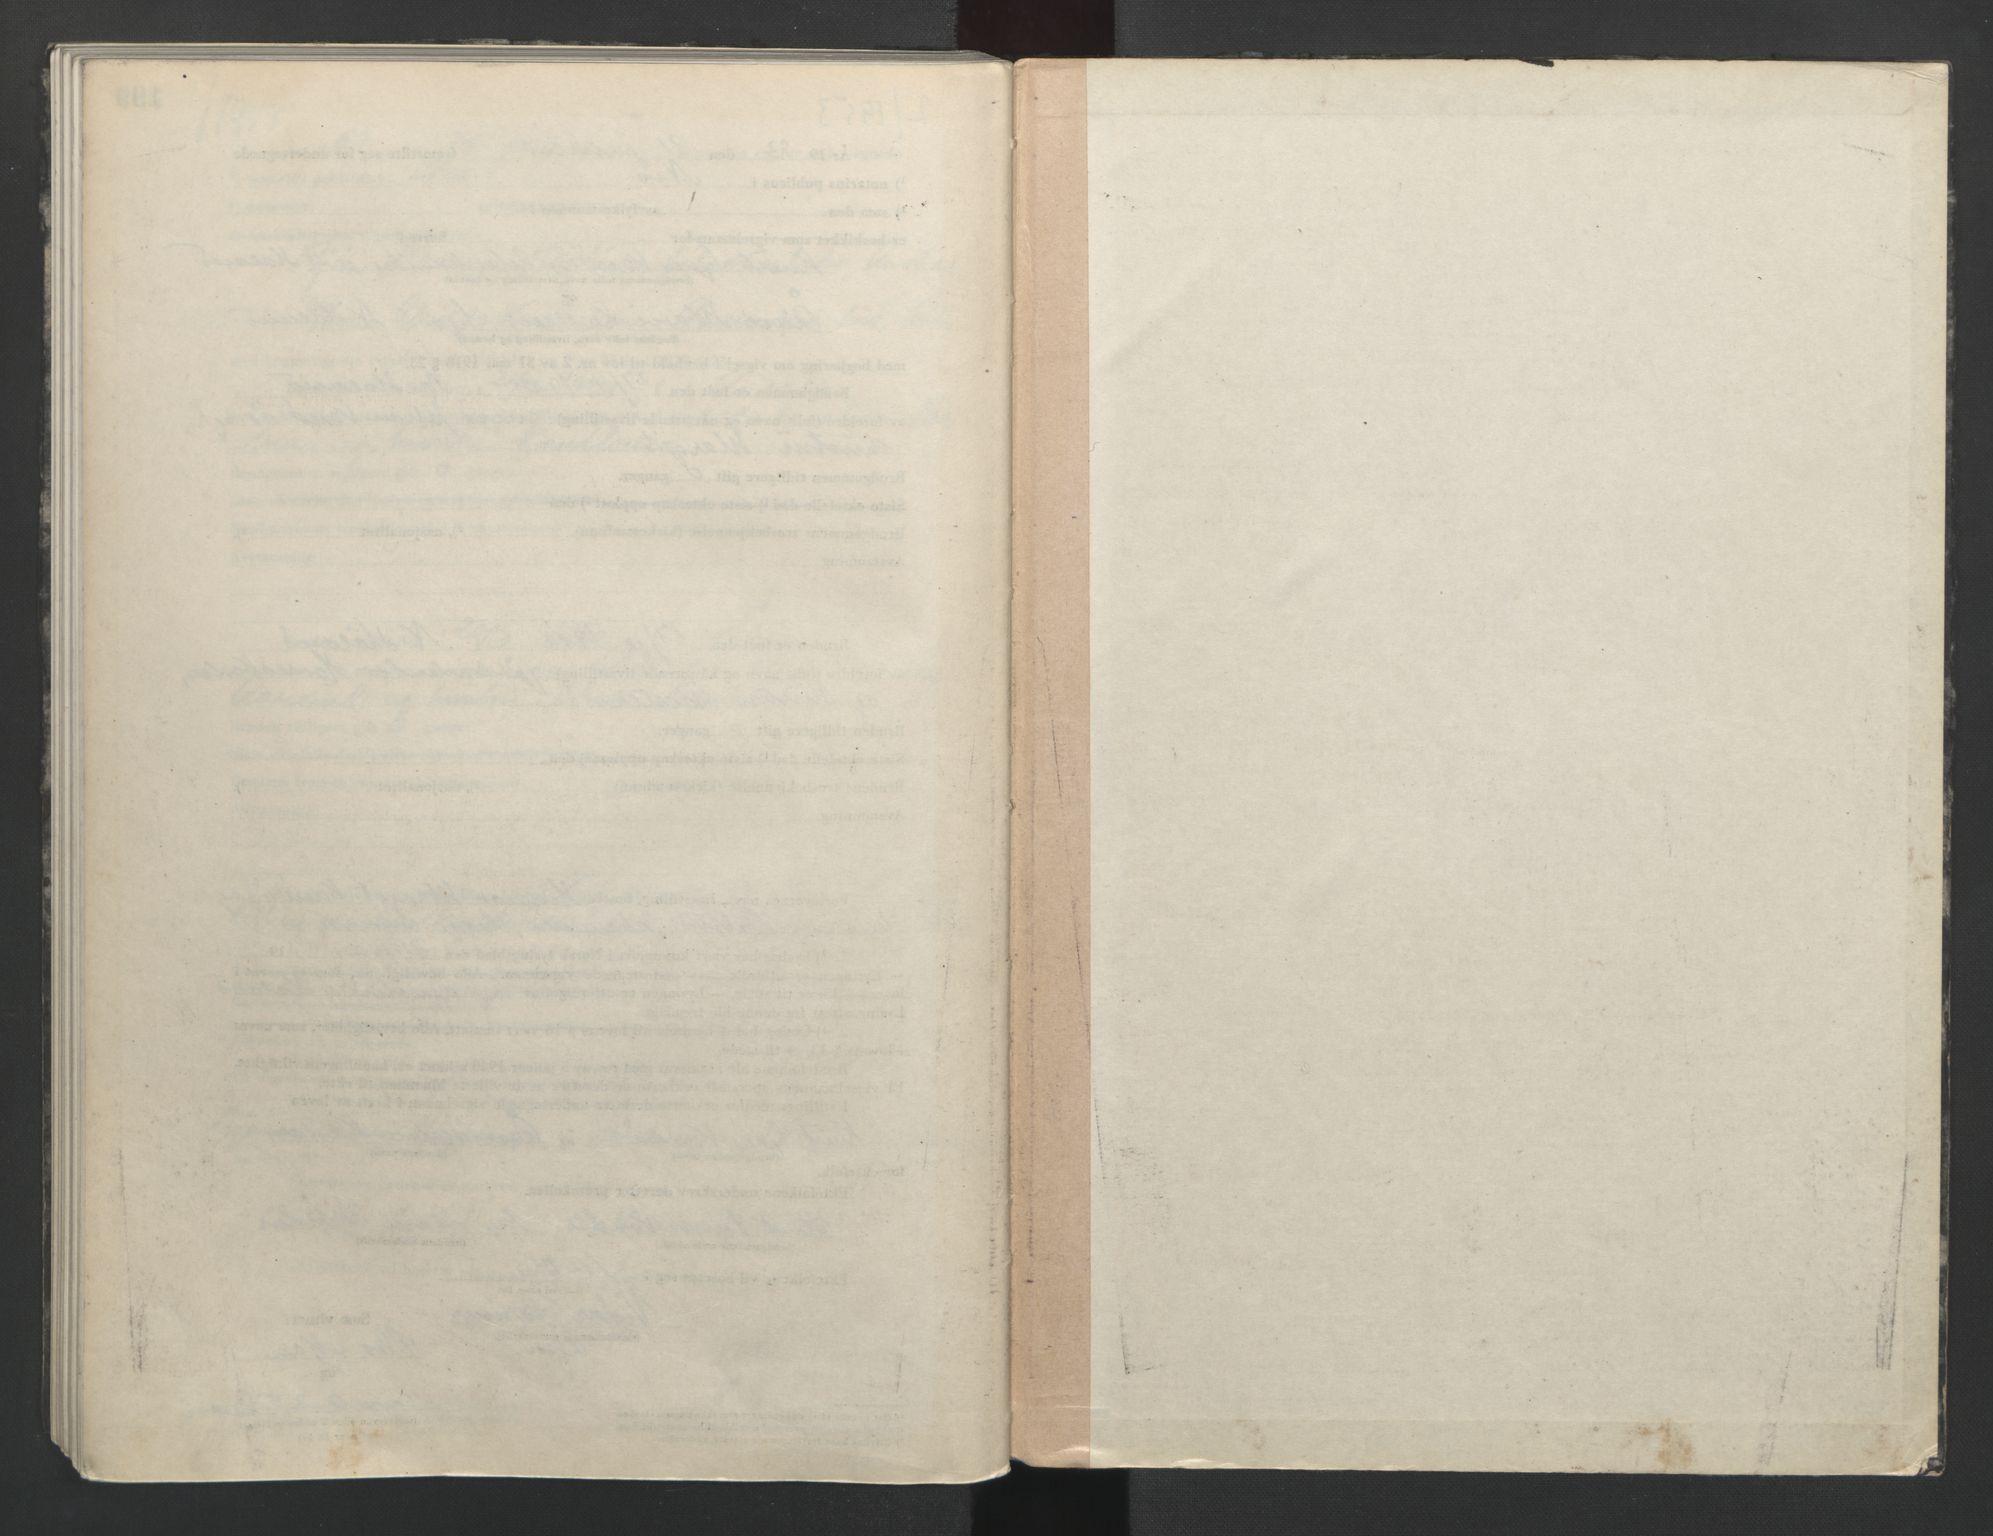 SAO, Nes tingrett, L/Lc/Lca/L0003: Vigselbok, 1944-1953, s. upaginert